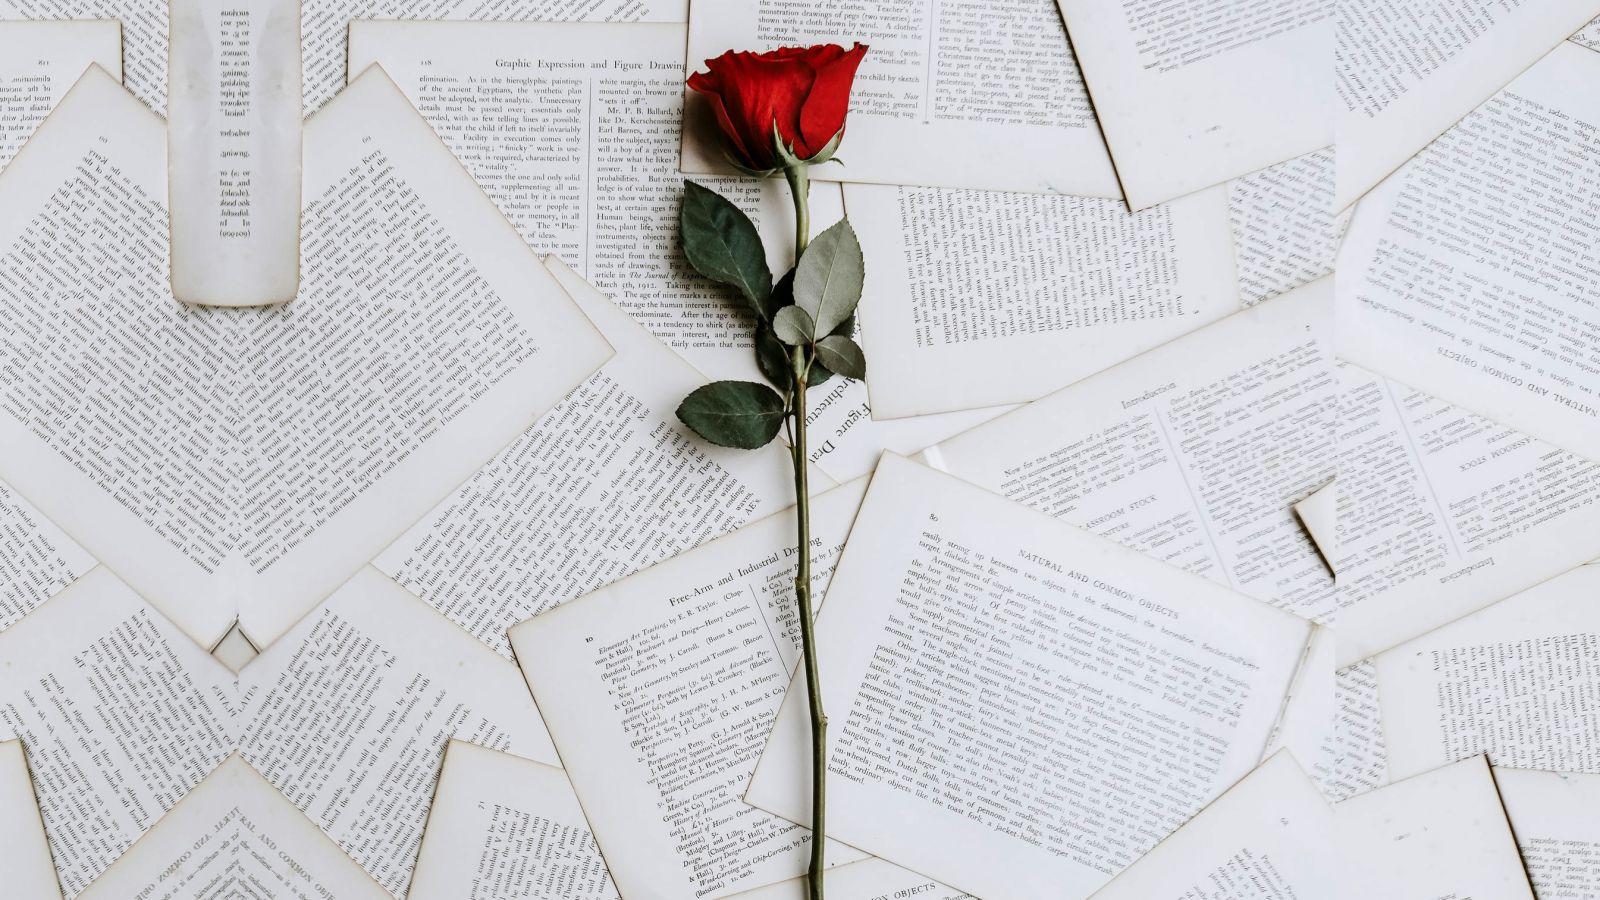 Ημέρα Αγίου Βαλεντίνου: Αλήθειες και θρύλοι πίσω από τη γιορτή των ερωτευμένων